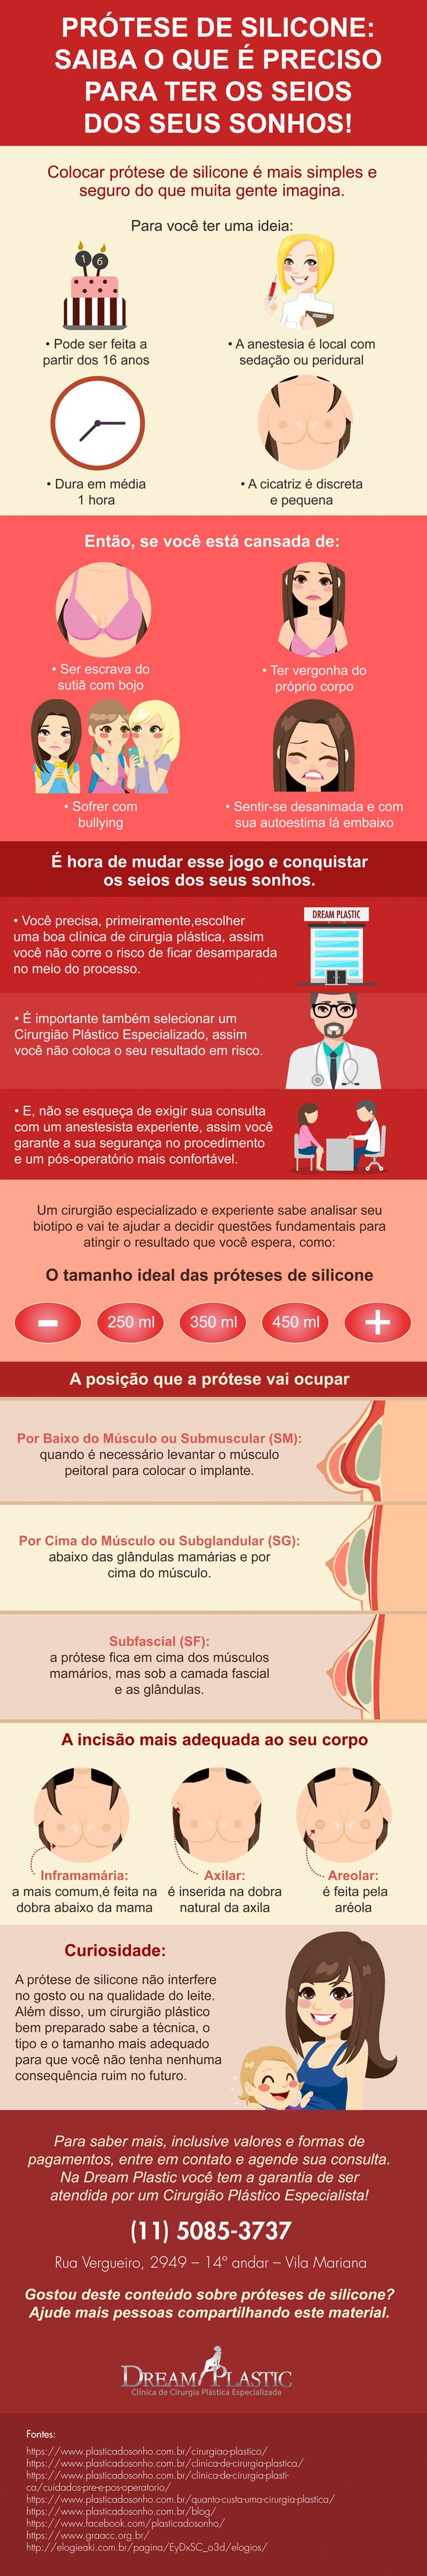 [Infográfico] Prótese de Silicone reúne tudo o que você precisa saber para colocar silicone nos seios, incluindo tipo de prótese de silicone, tamanhos de silicone, posição da prótese e muito mais.